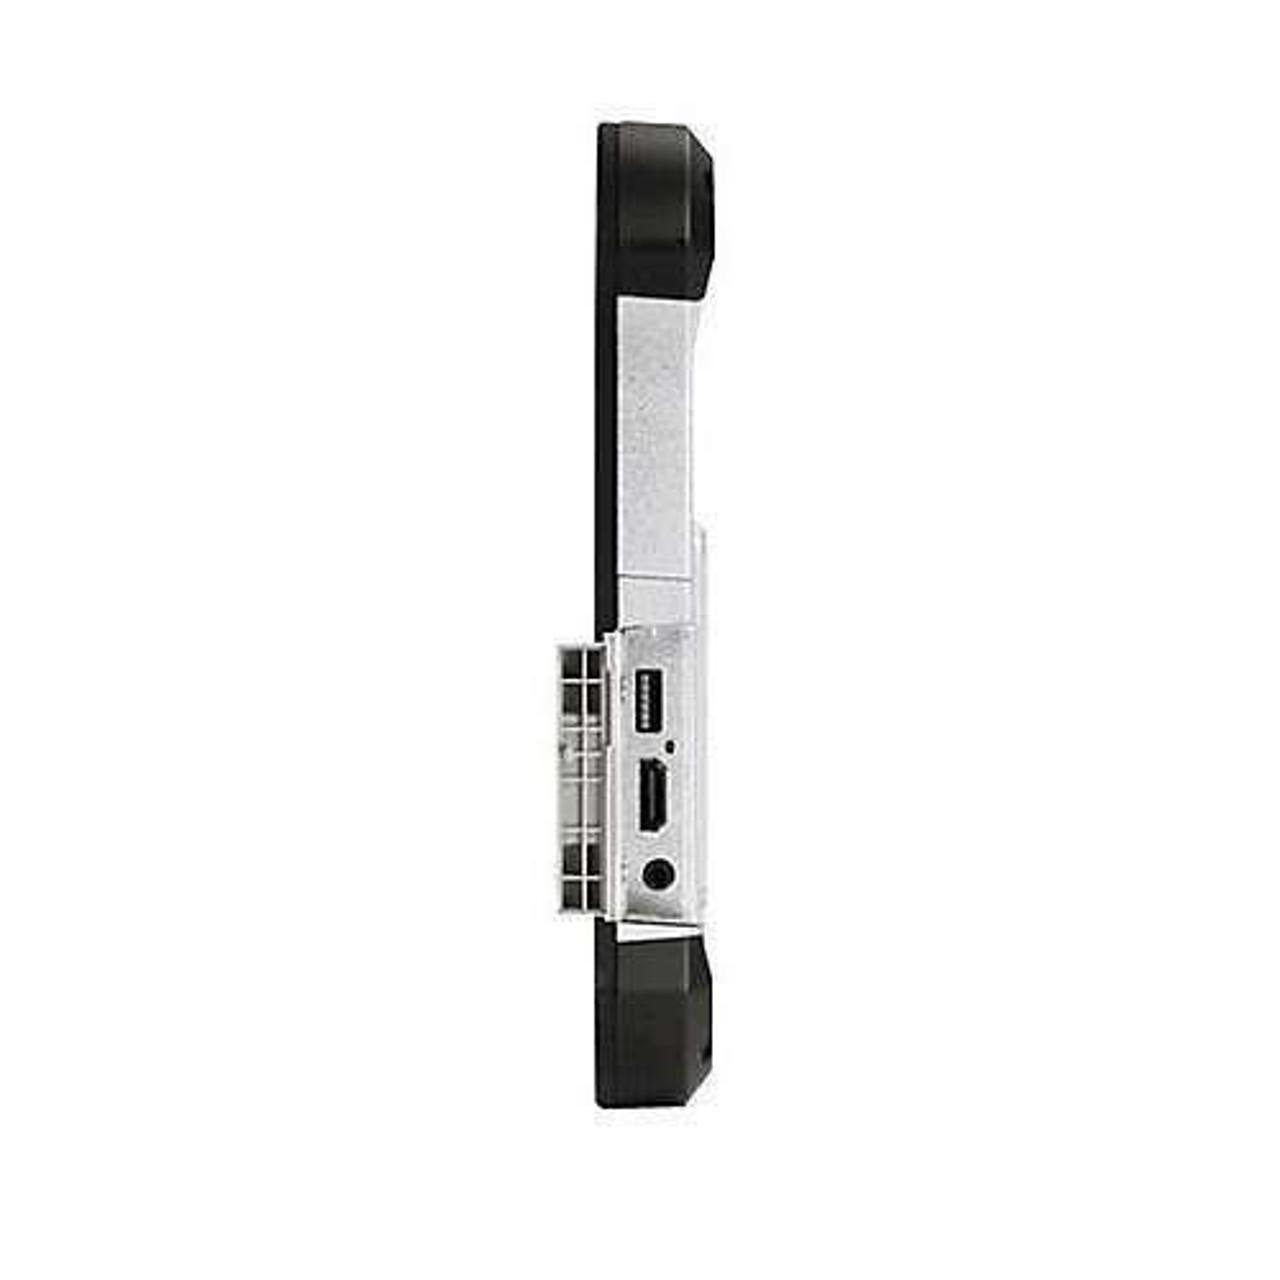 FZ-G1-MK5 side 2 - USB, HDMI, Jack